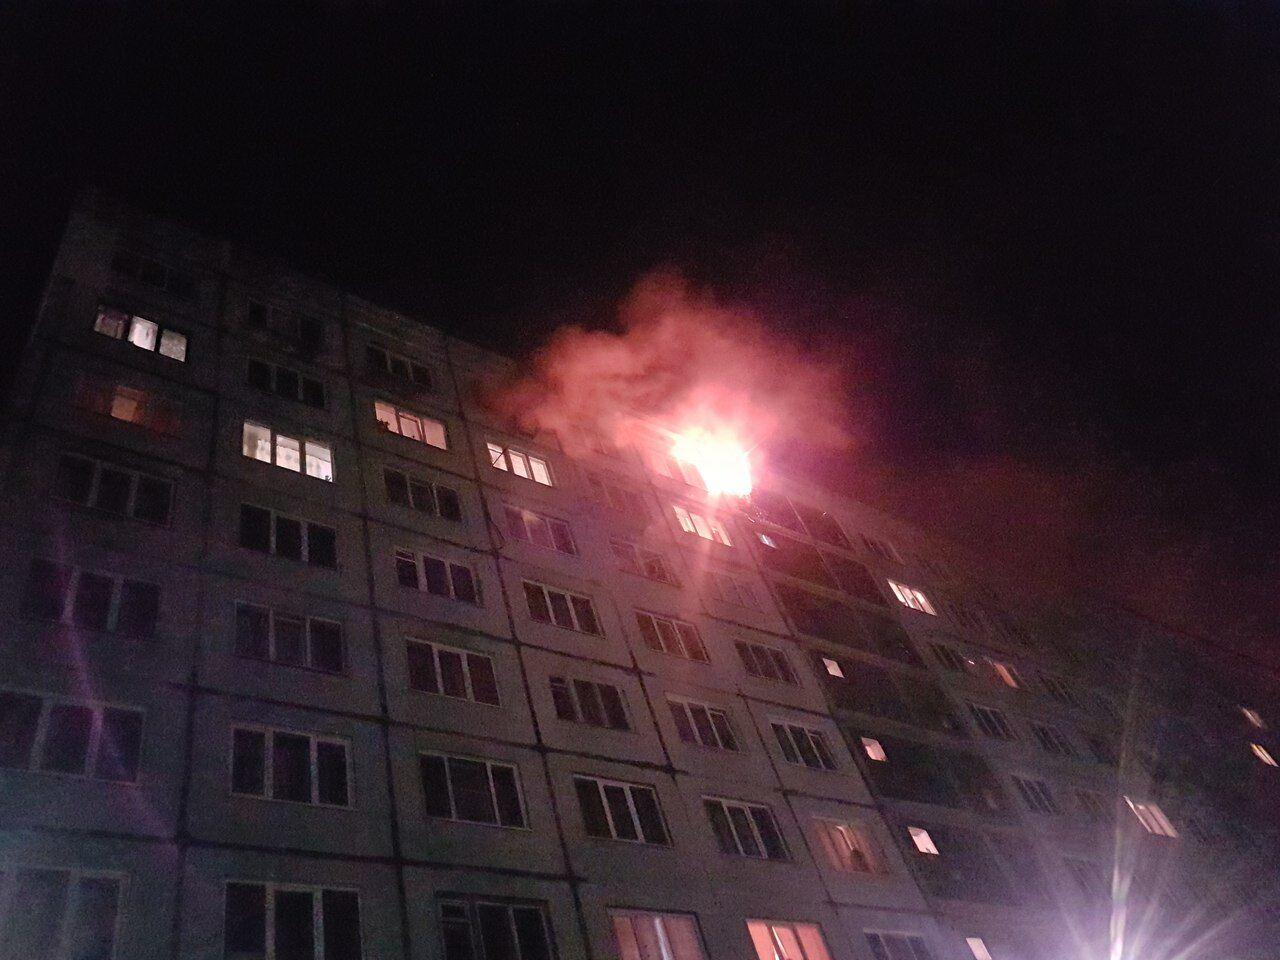 Мощнейший пожар вмногоэтажном здании общежития вКемерове тушили 28 спасателей